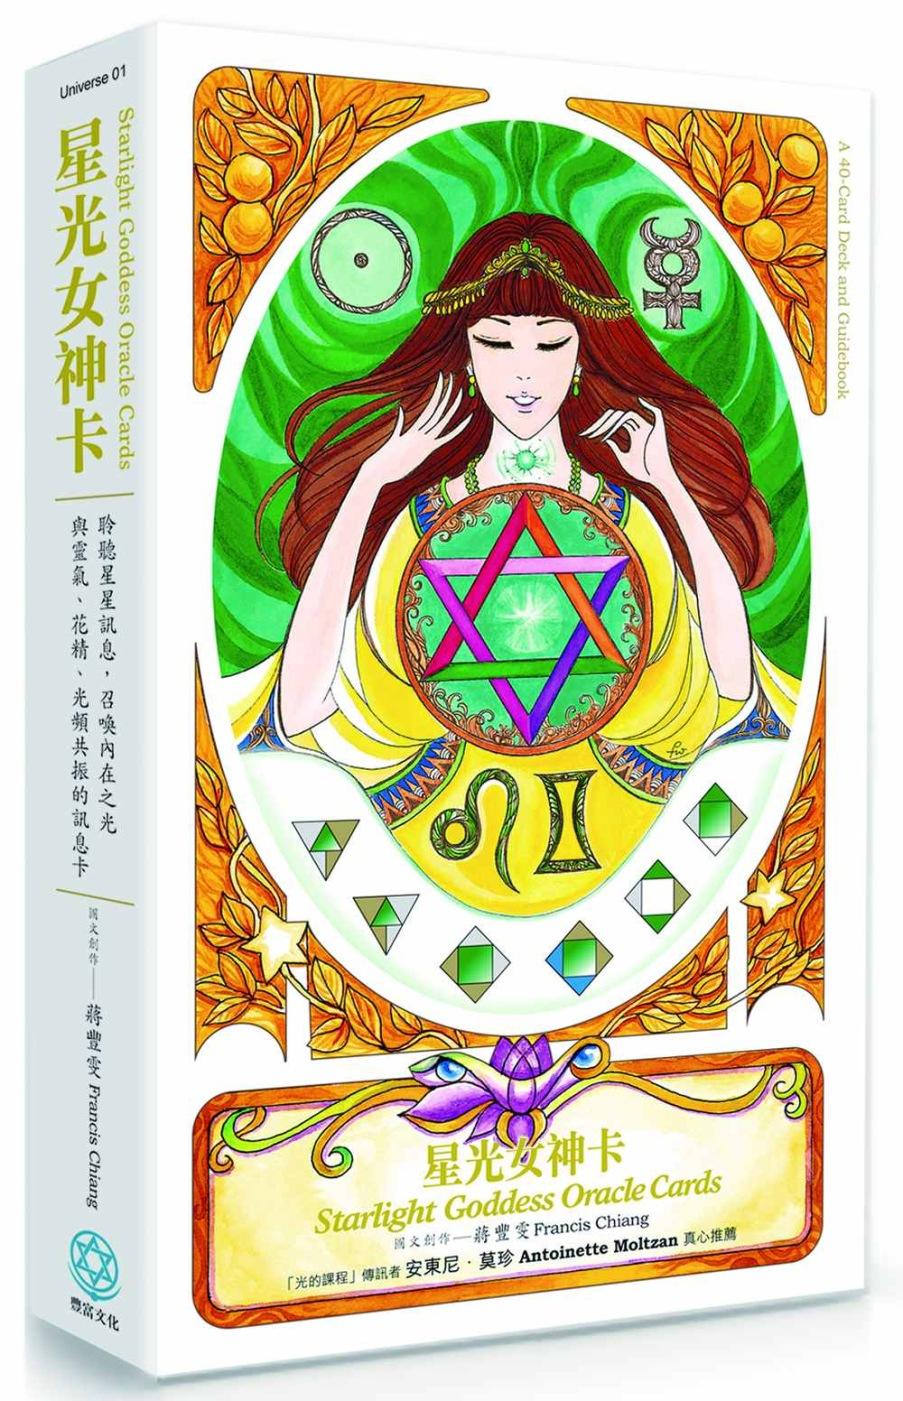 星光女神卡【書+卡盒裝版】:聆聽星星訊息,召喚內在之光――與靈氣、花精、光頻共振的訊息卡